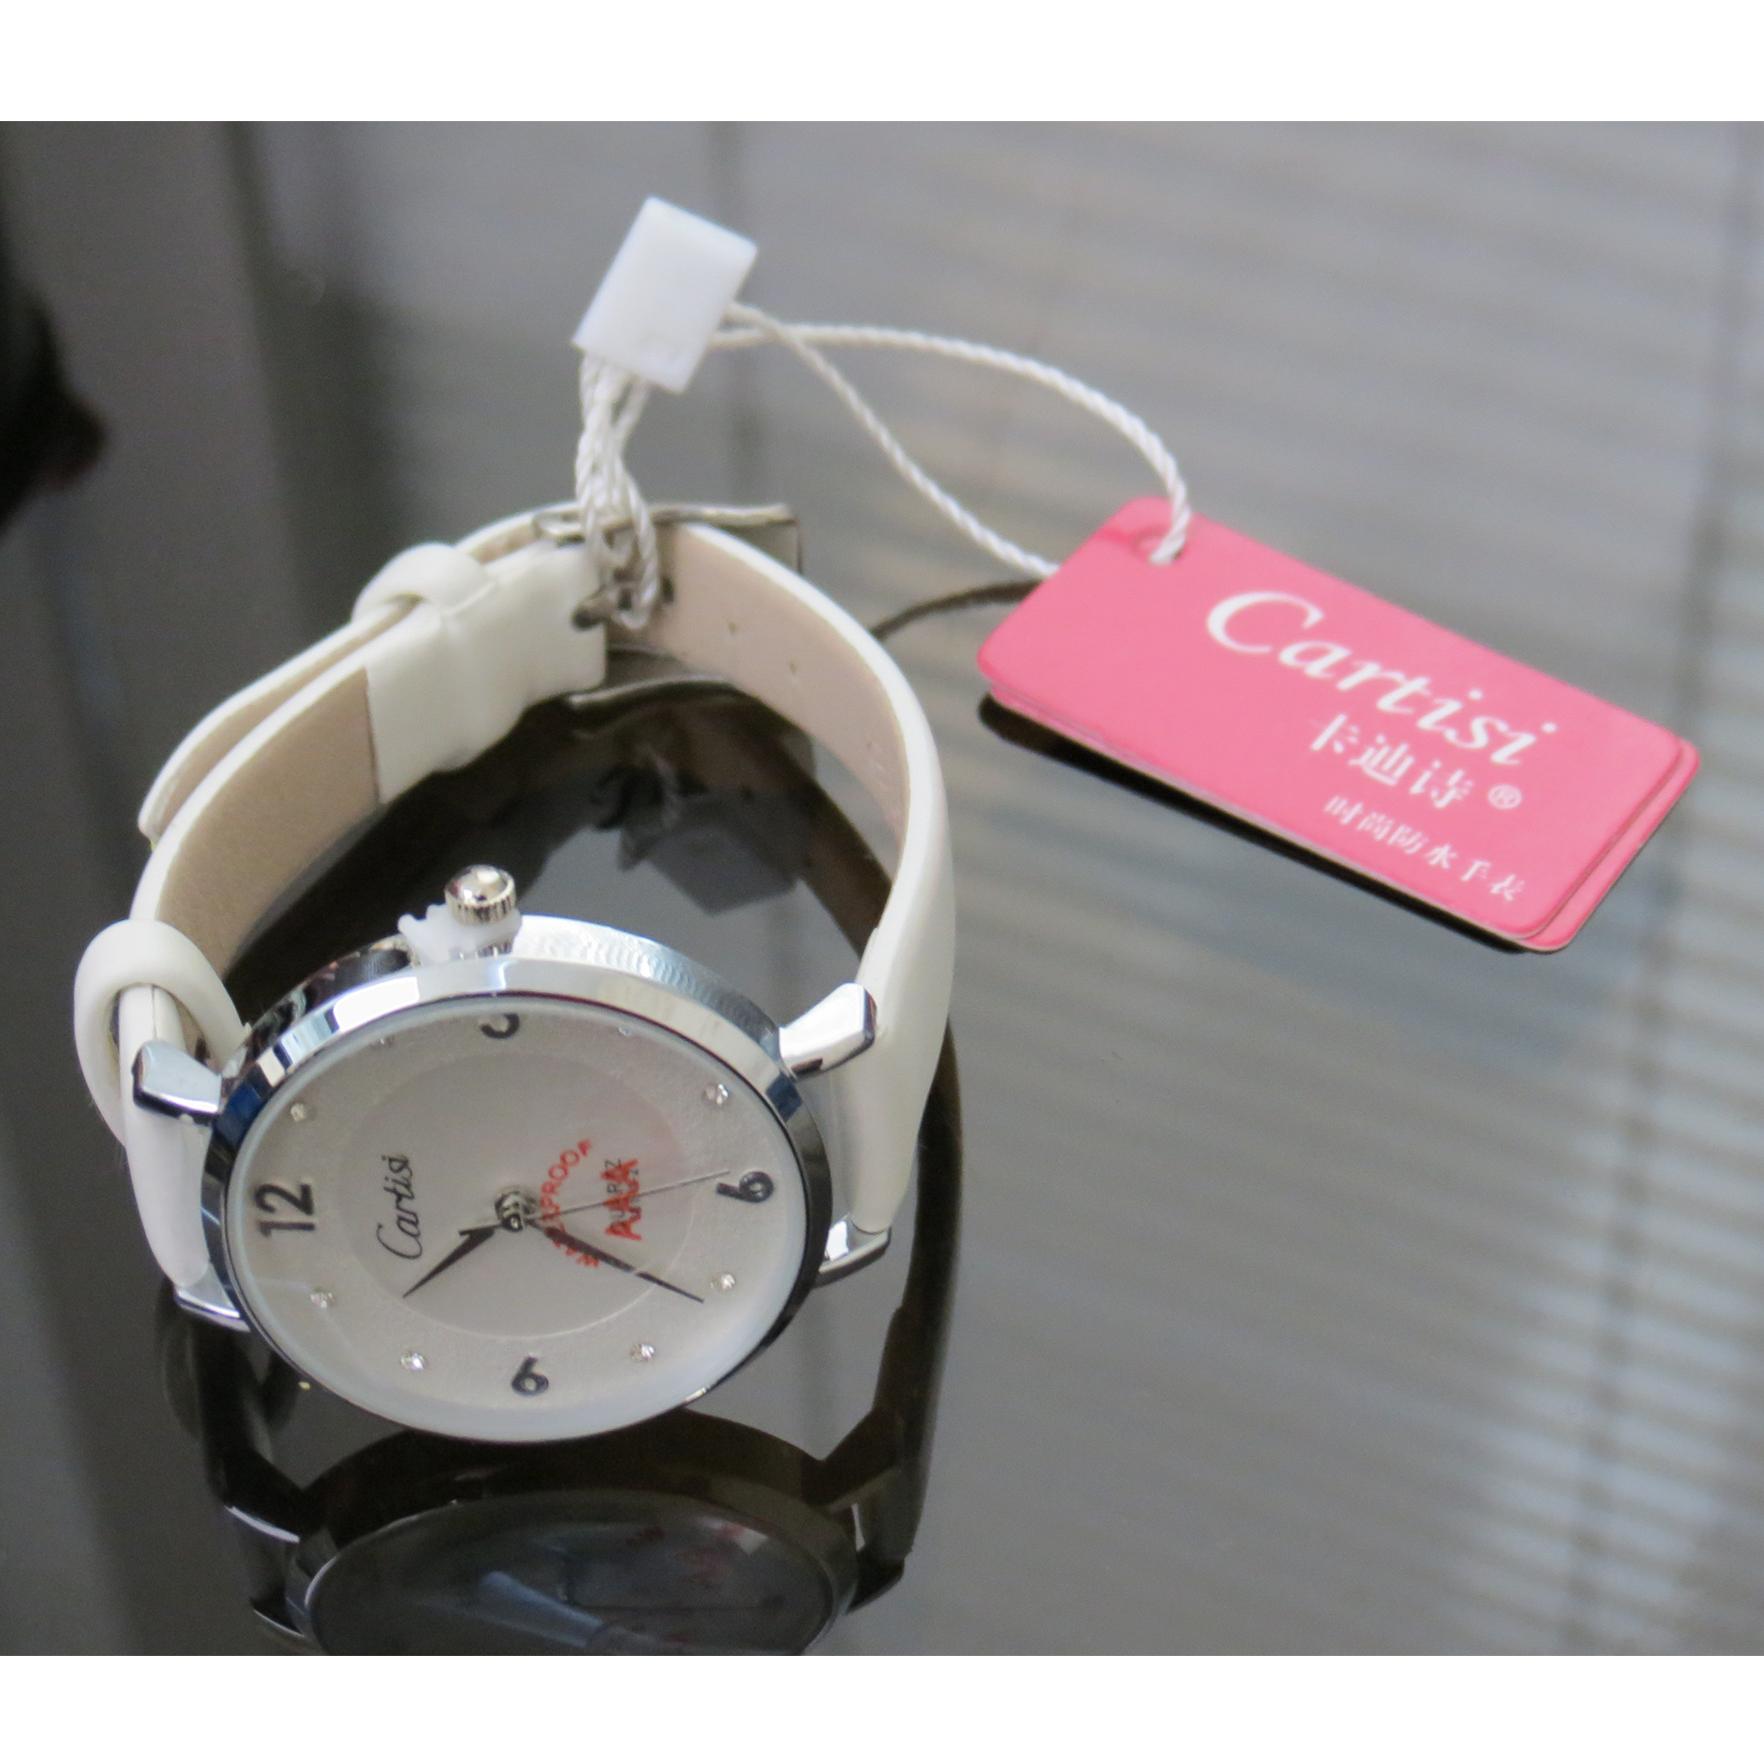 خرید و قیمت                       ساعت مچی  زنانه لیکایهونگ کد 2-18101